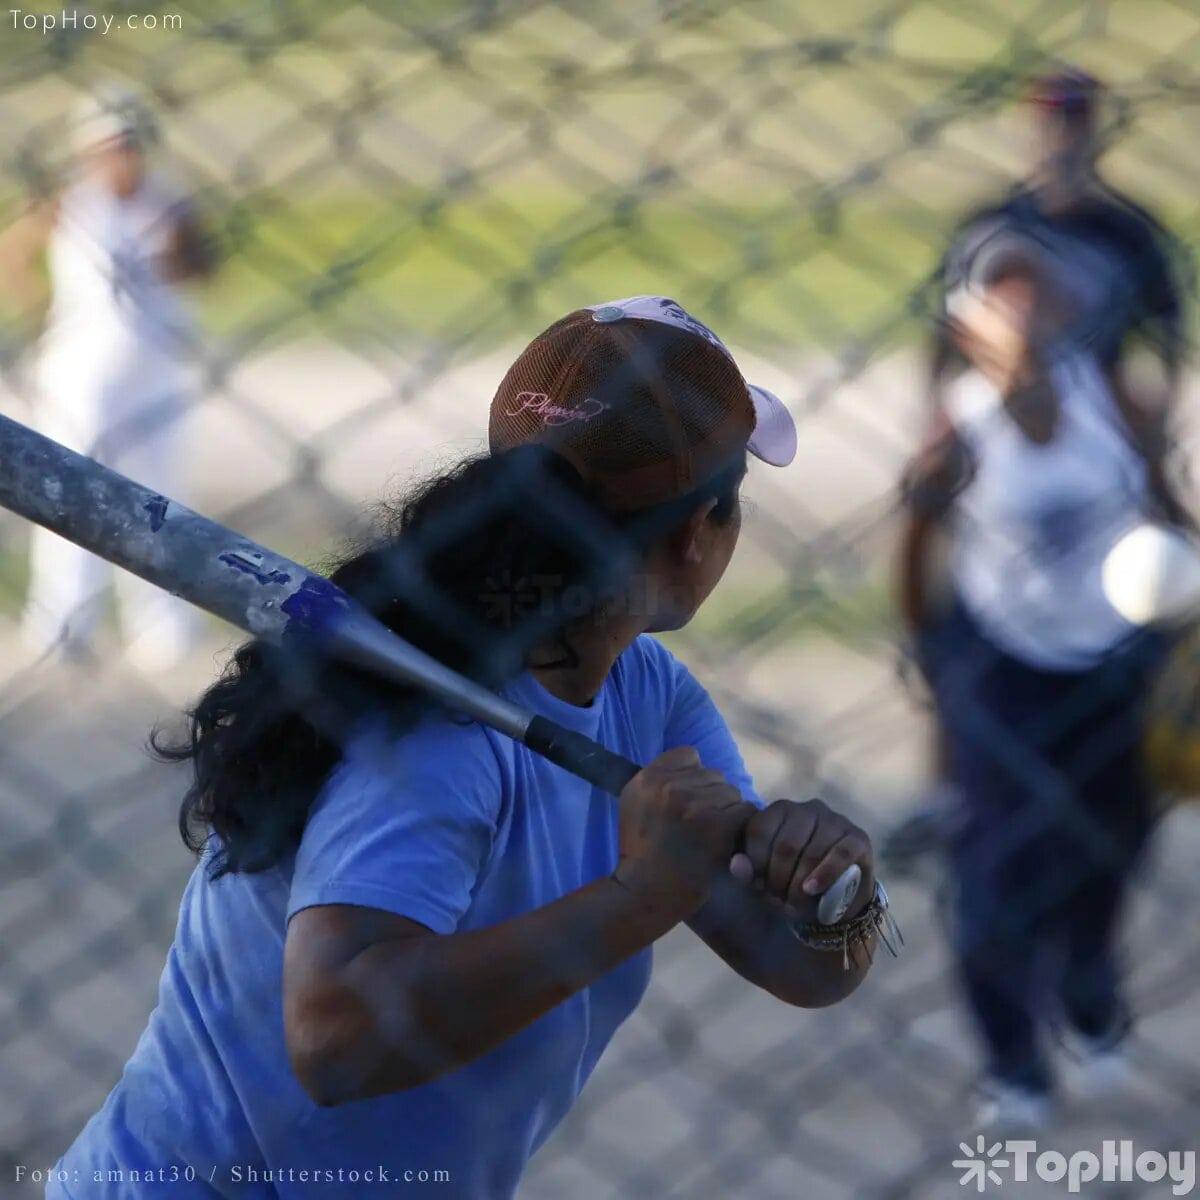 La pasión por el beisbol es algo que ha trascendido de generación en generación, provocando el amor y el odio entre la fanaticada que se toma muy en serio el apoyo a su equipo.